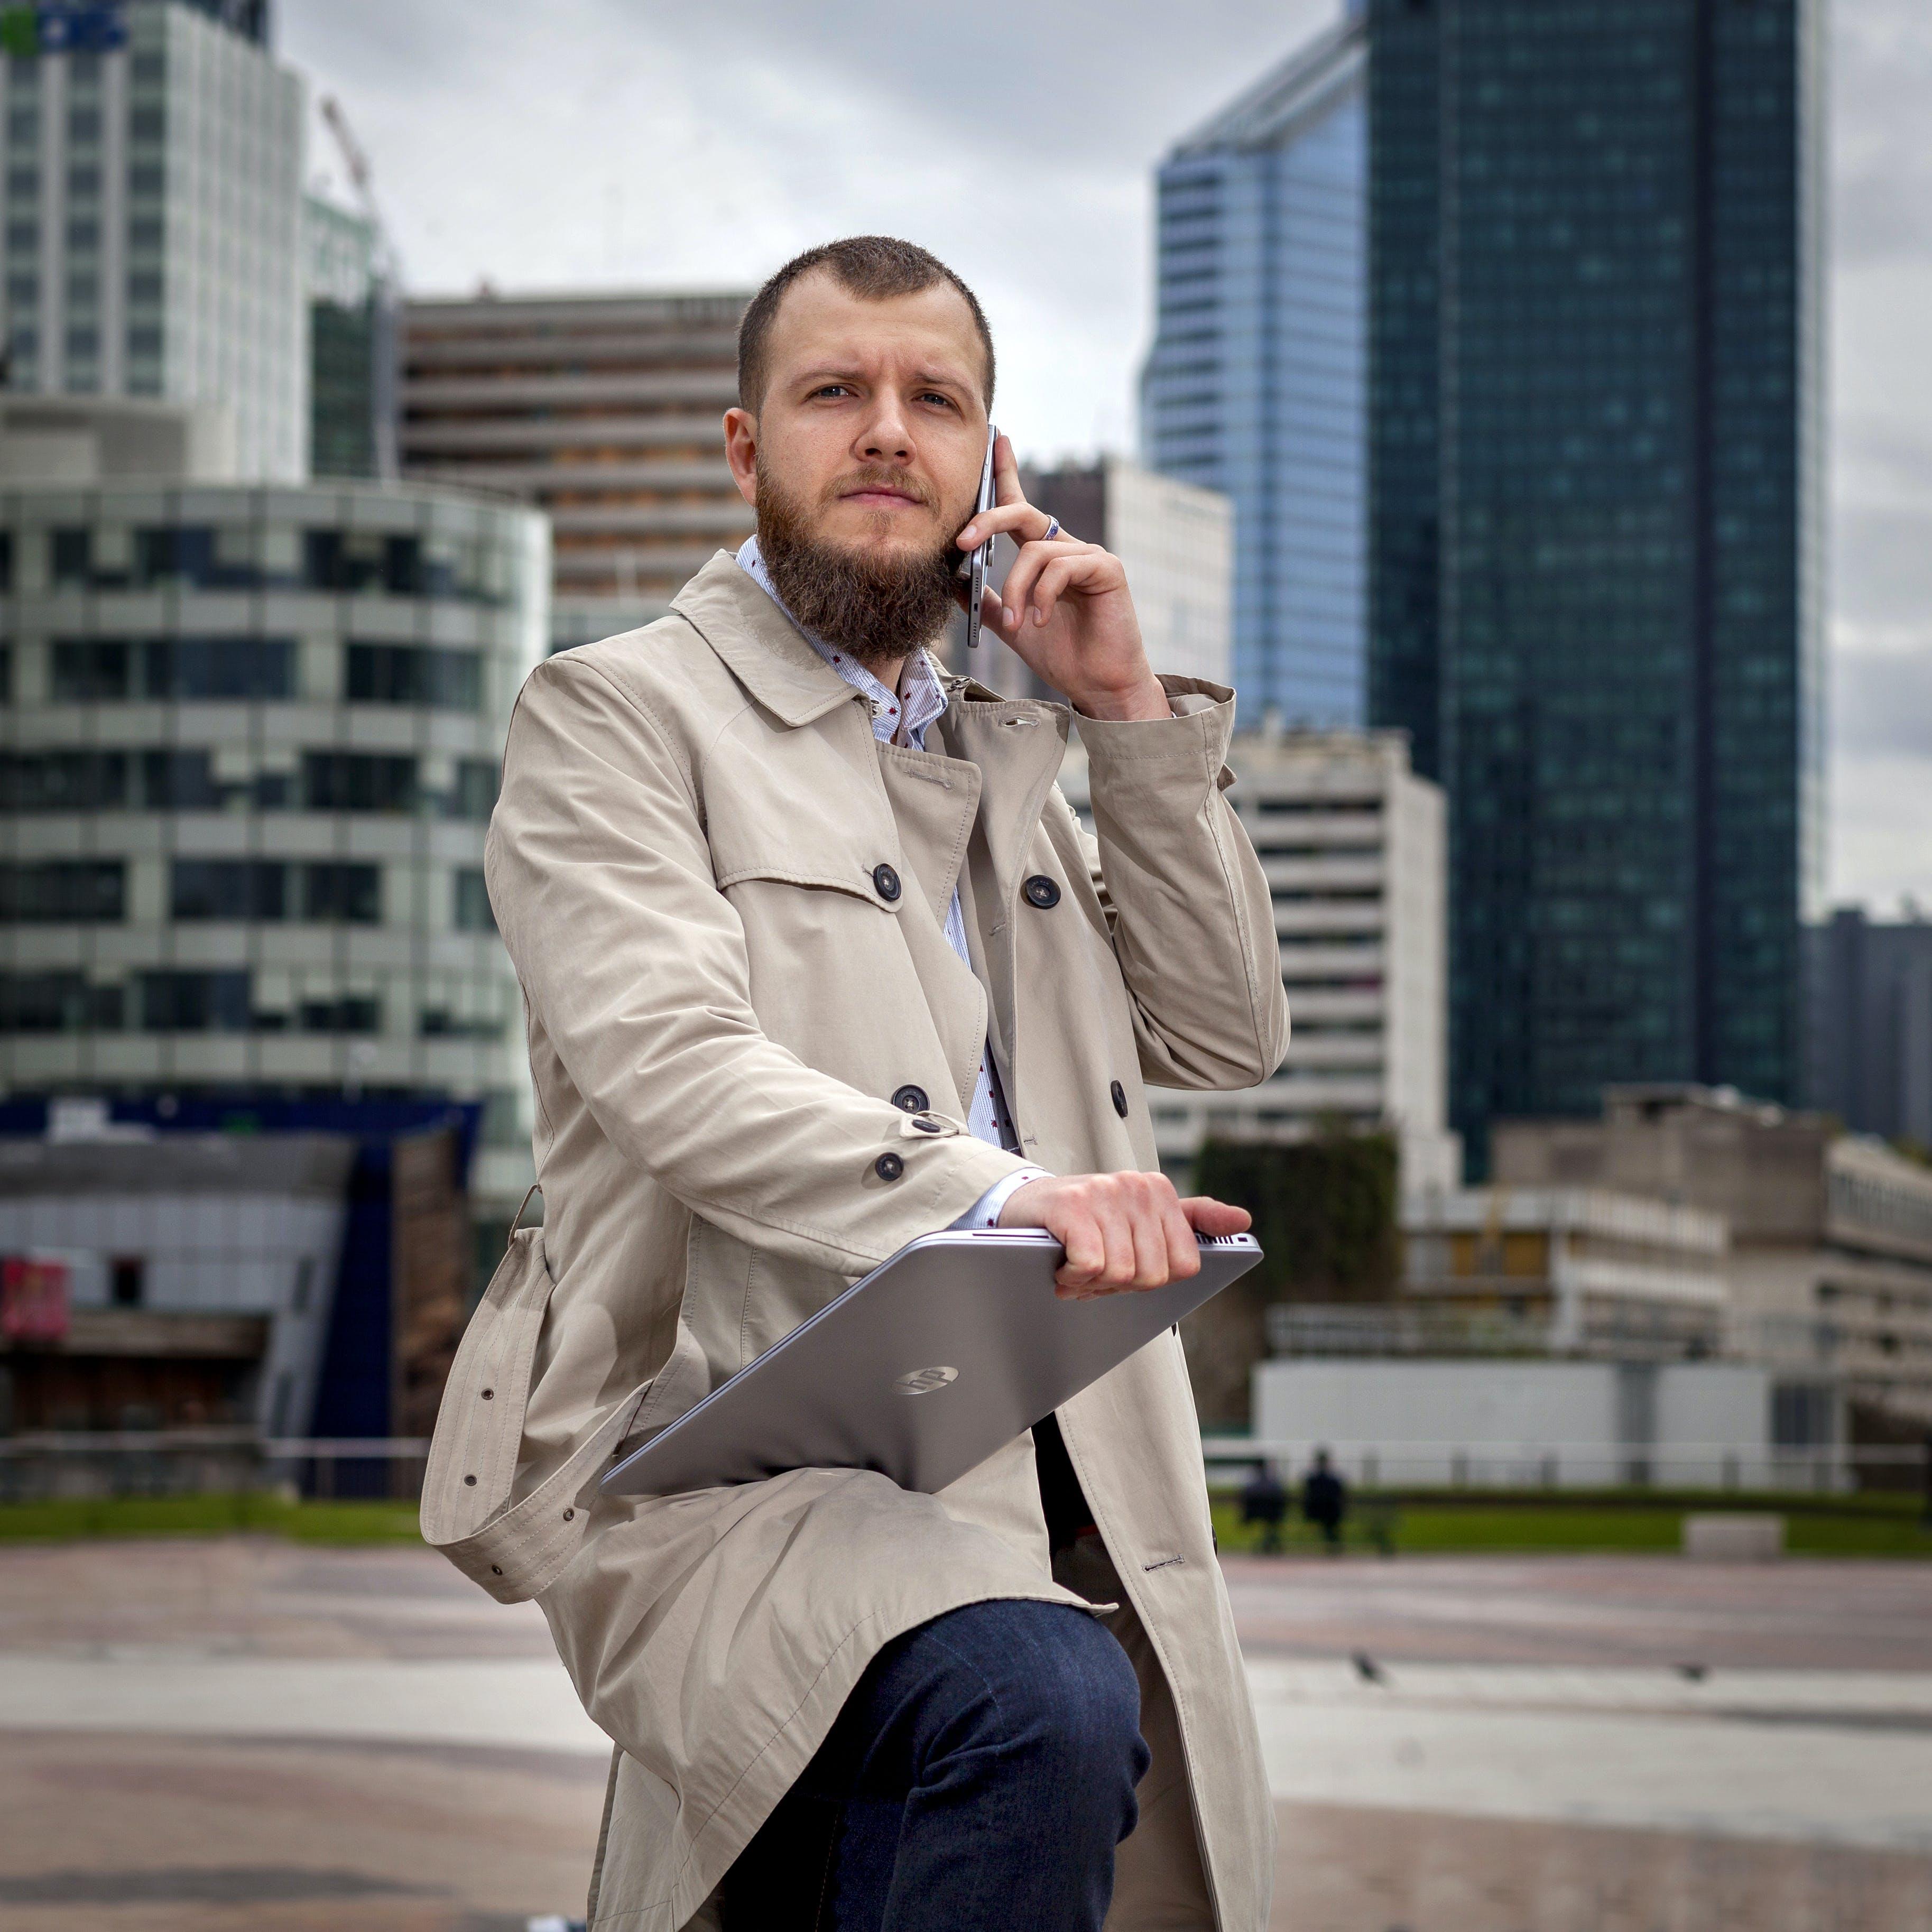 Free stock photo of business, france, freelance, freelancer